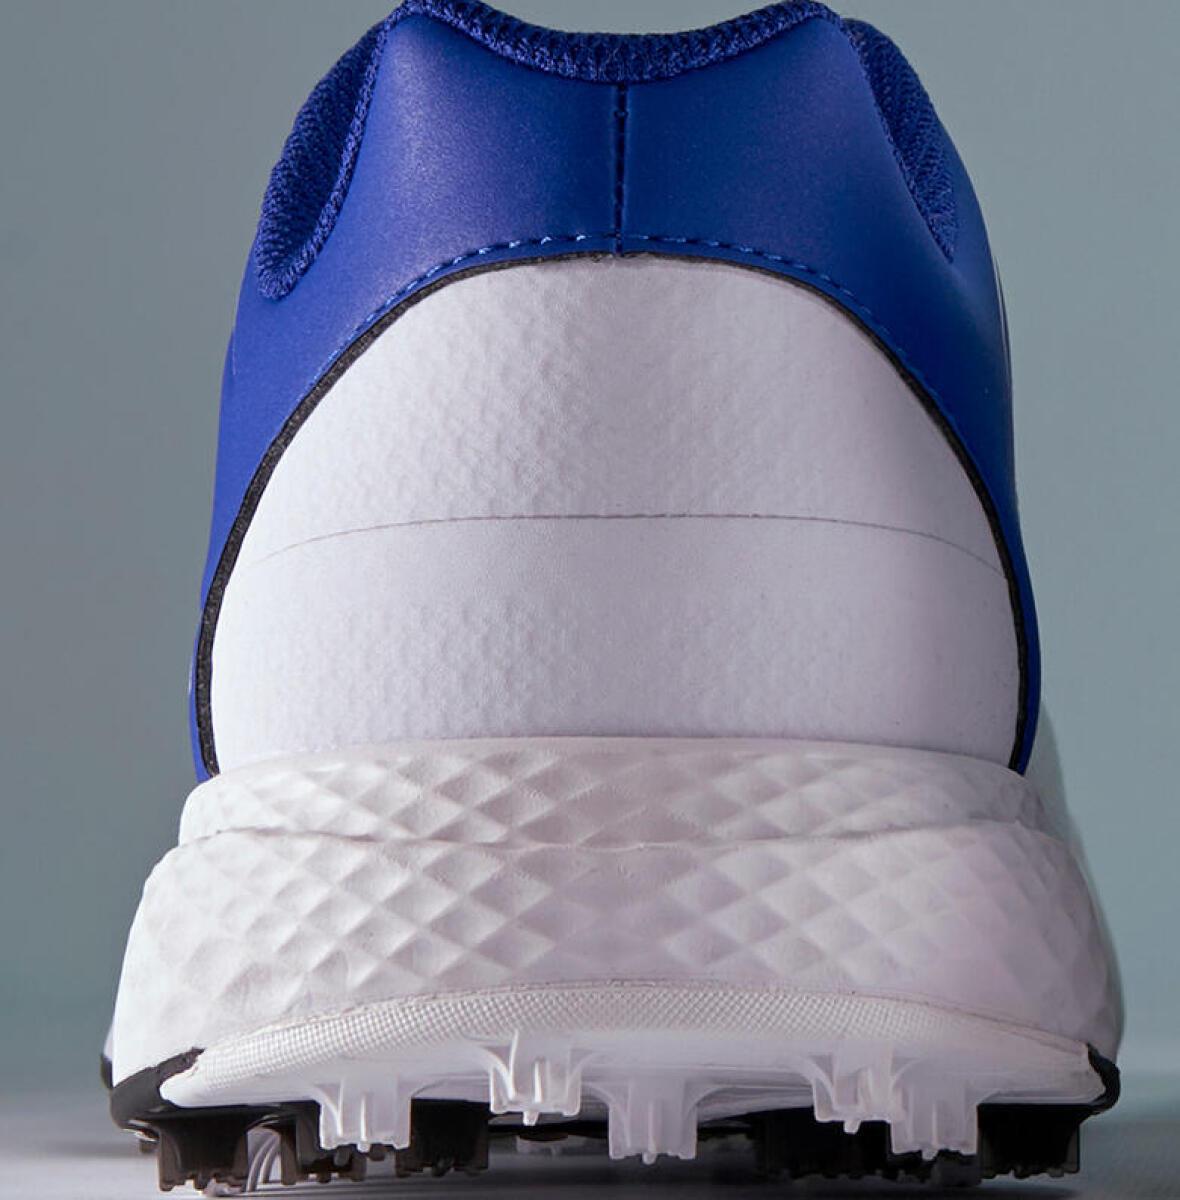 stabiliteit-schoenen-golf